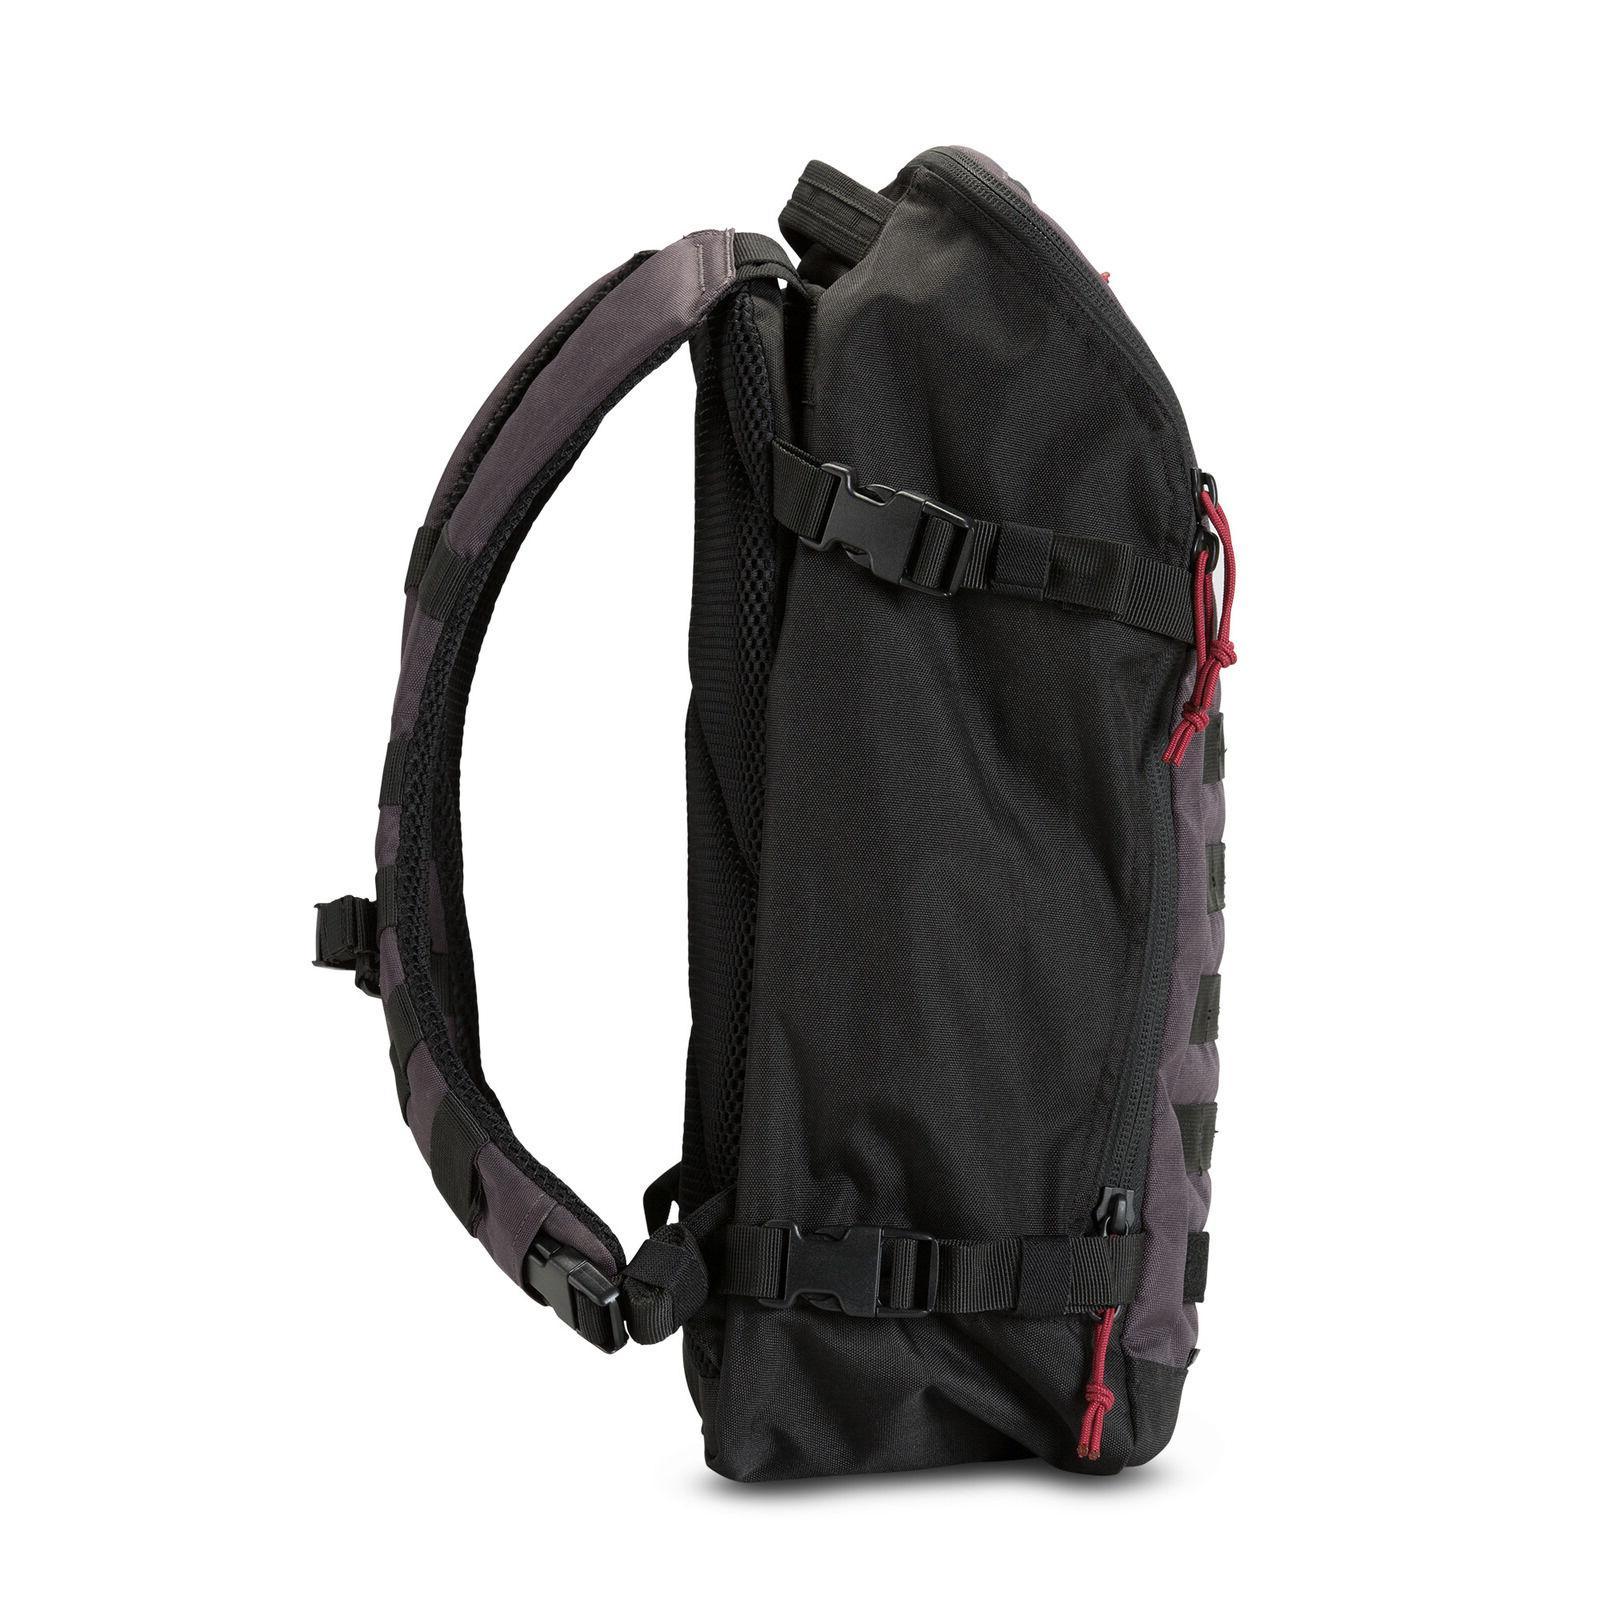 5.11 Zipper Bag Bag Tactical Backpack Bag